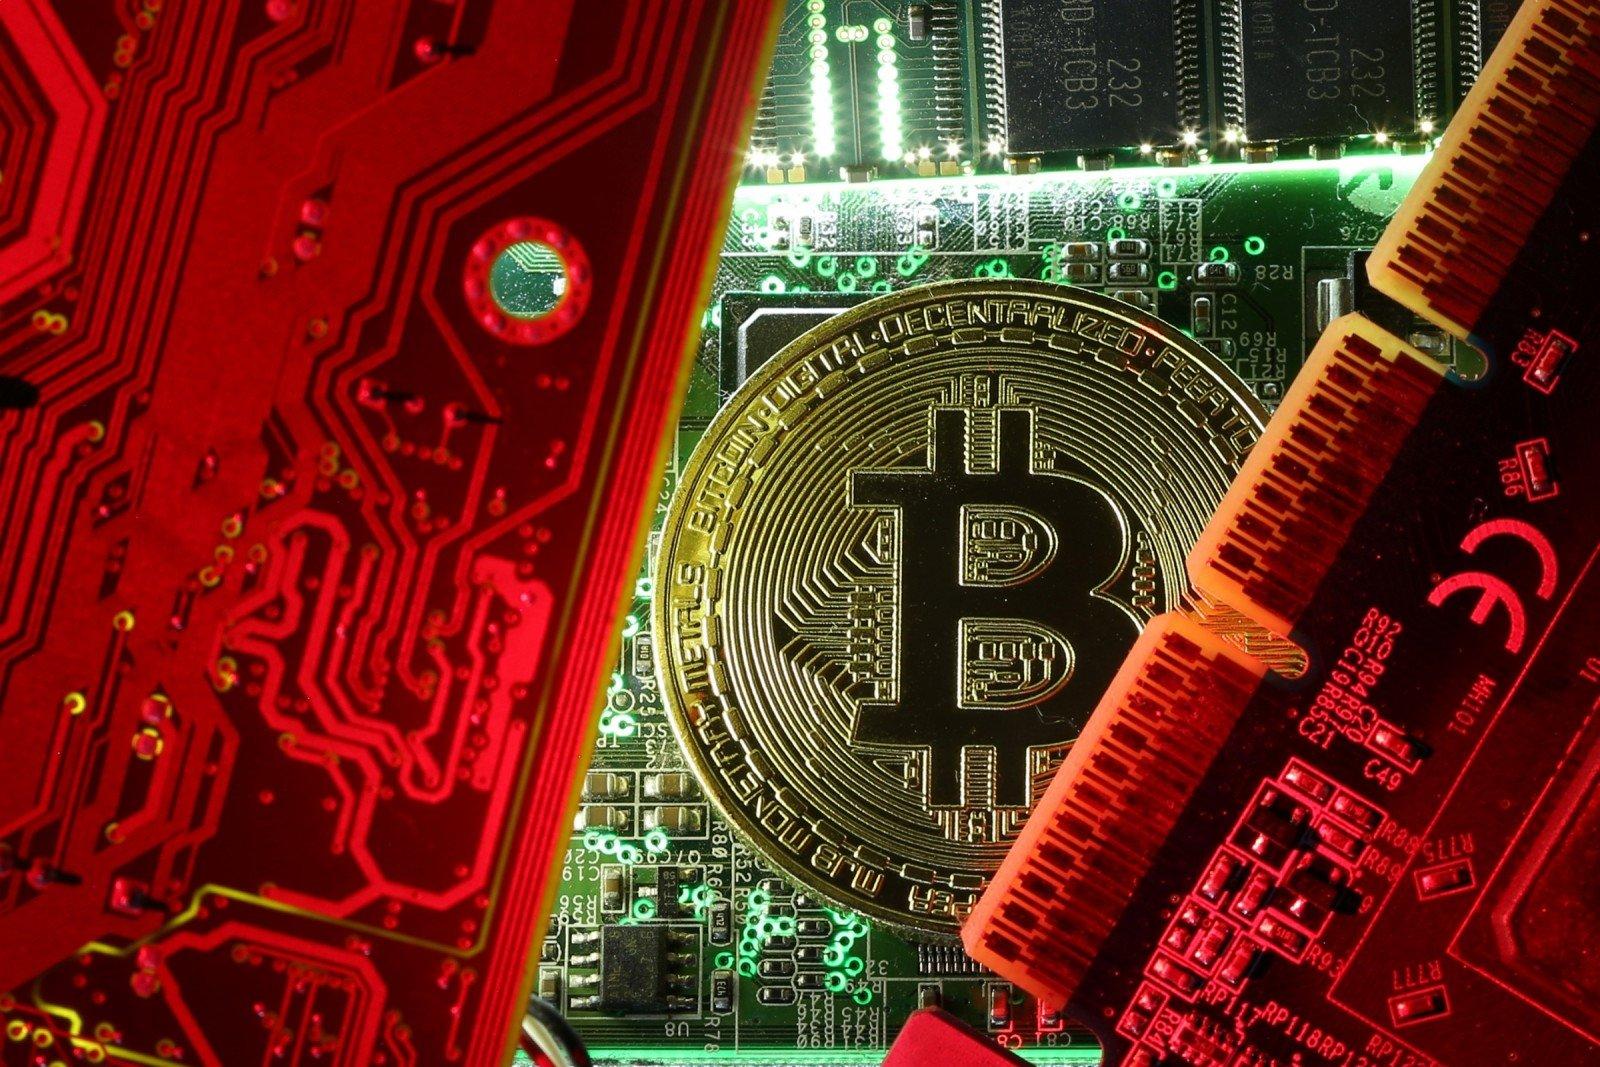 kurioje šalyje bitkoinas kaip usidirbti pinig keiiant kriptovaliutas